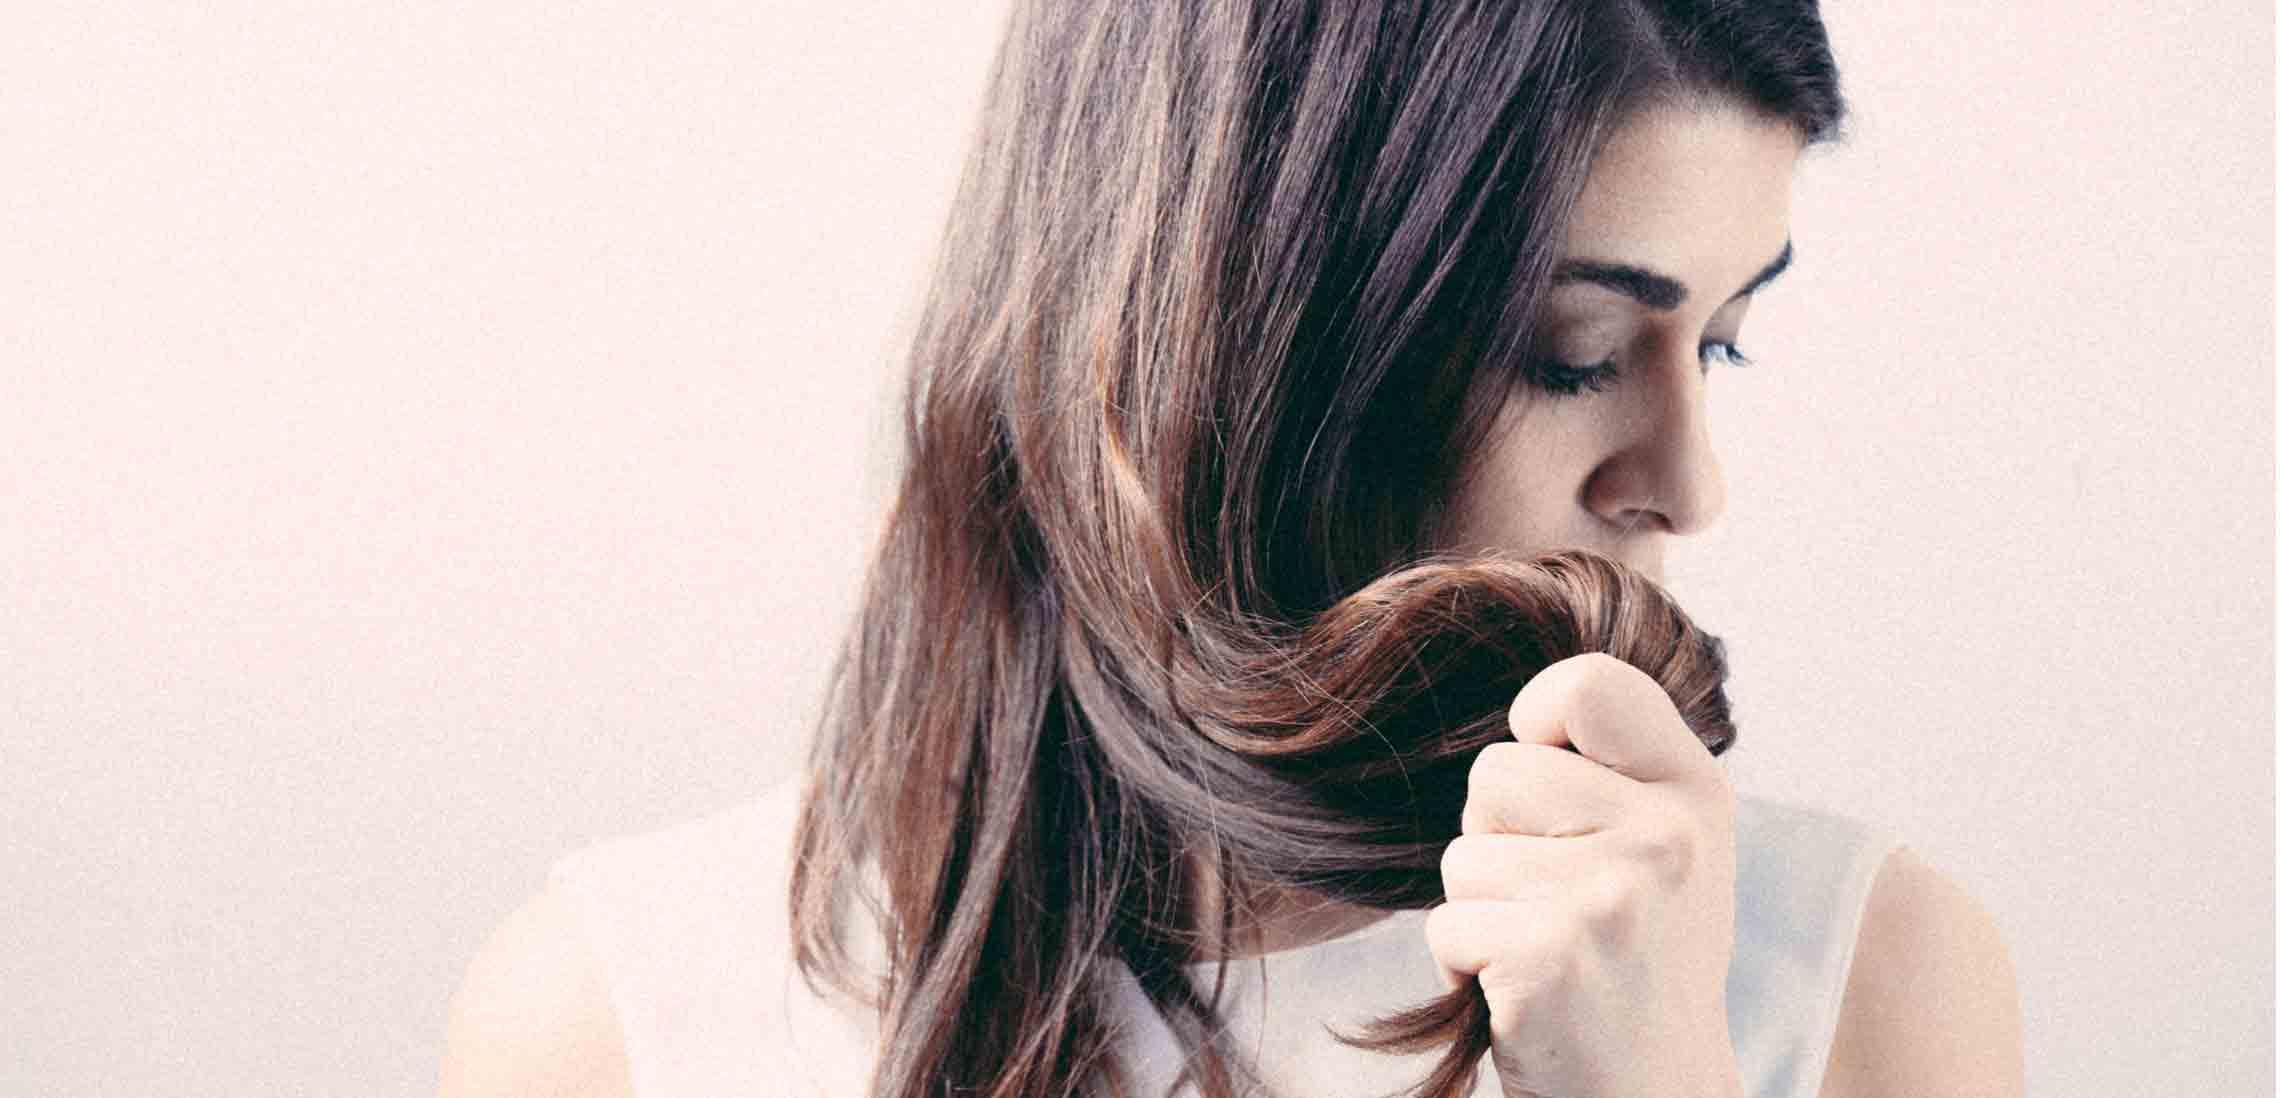 Silvie Loto - Crying Love EP hero